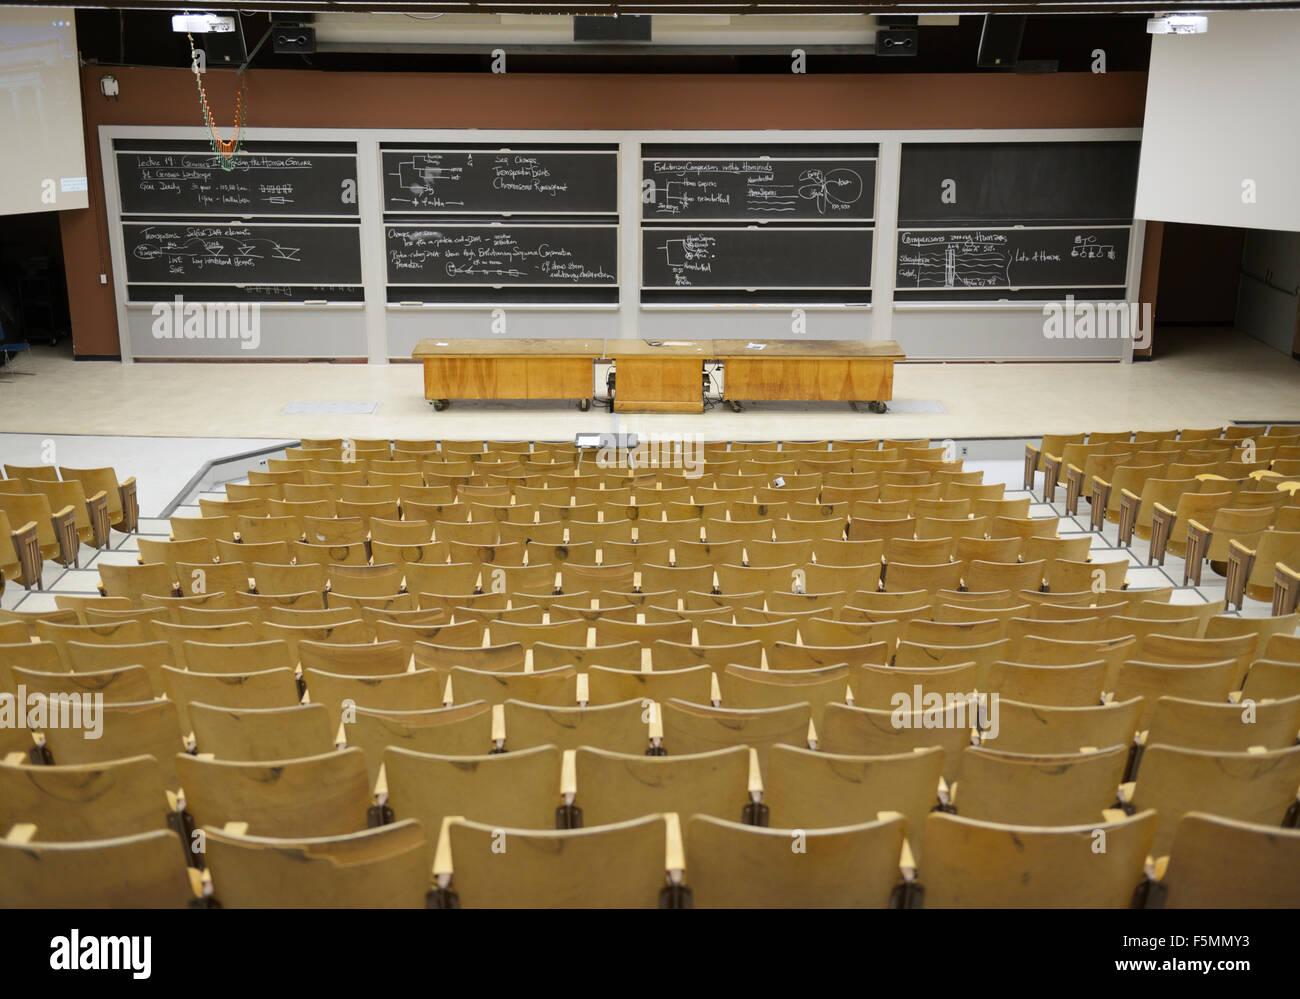 La salle de conférences de l'université Photo Stock